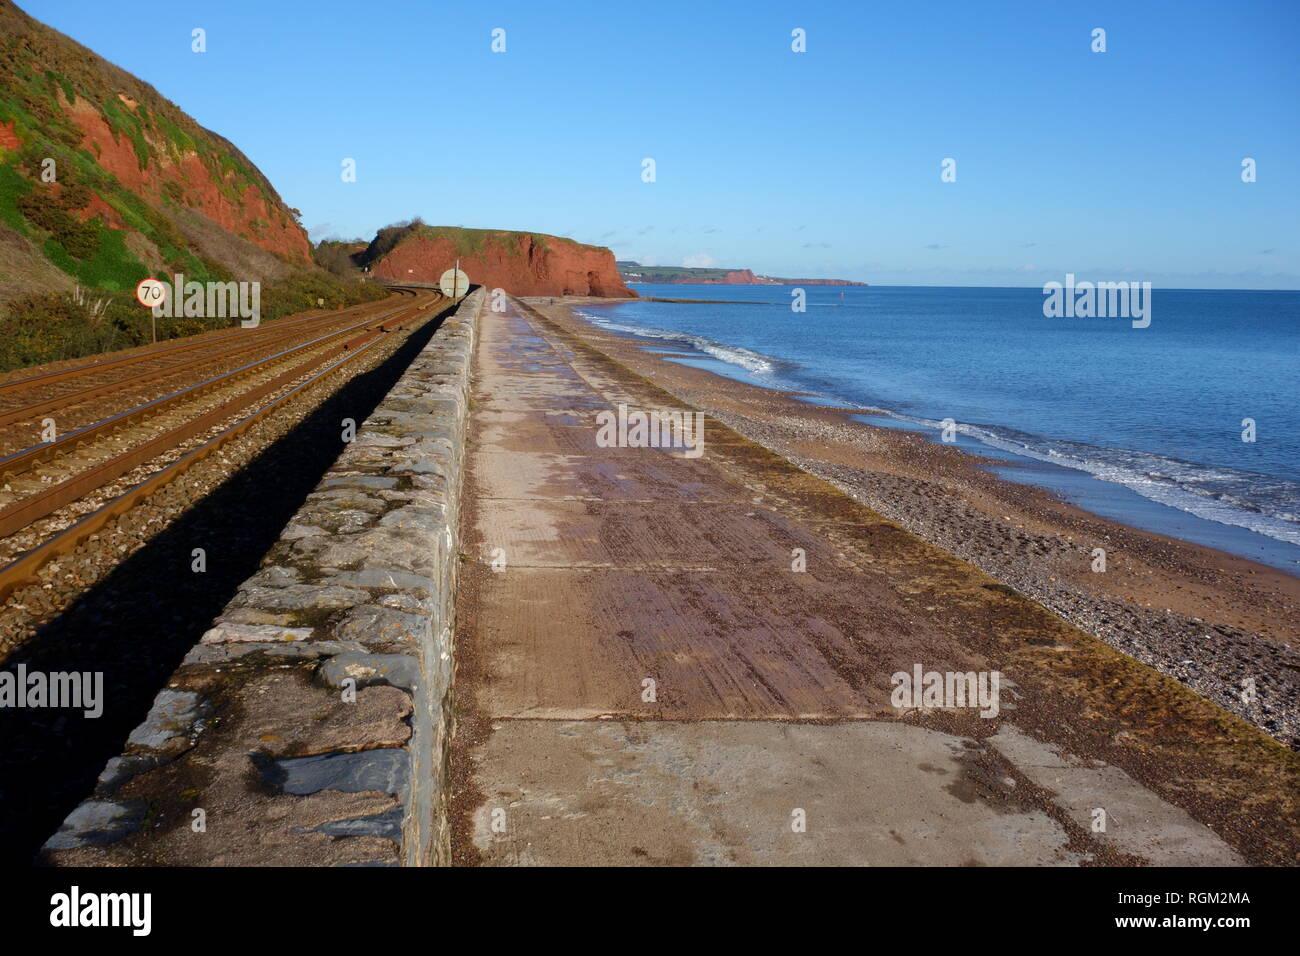 Railway line towards Dawlish, Devon, England, UK - Stock Image